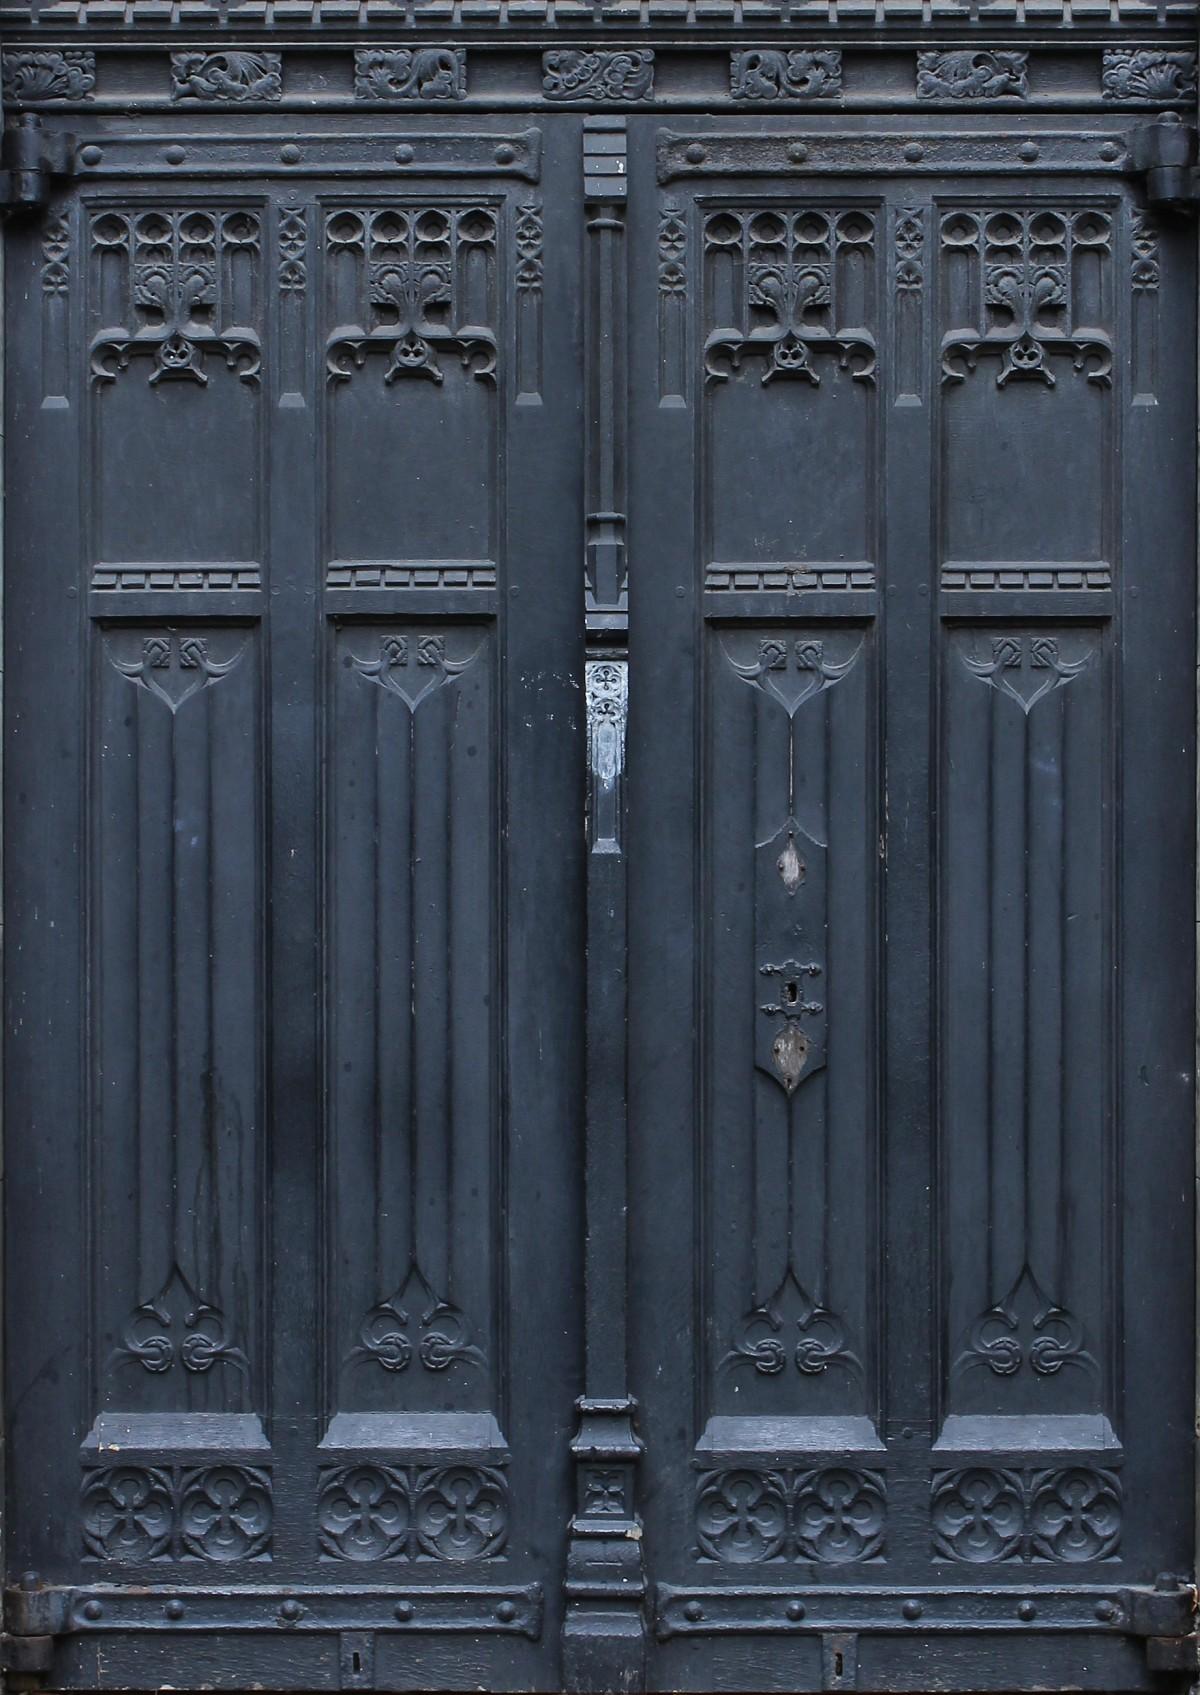 Entrée Noir Et Blanc images gratuites : noir et blanc, architecture, structure